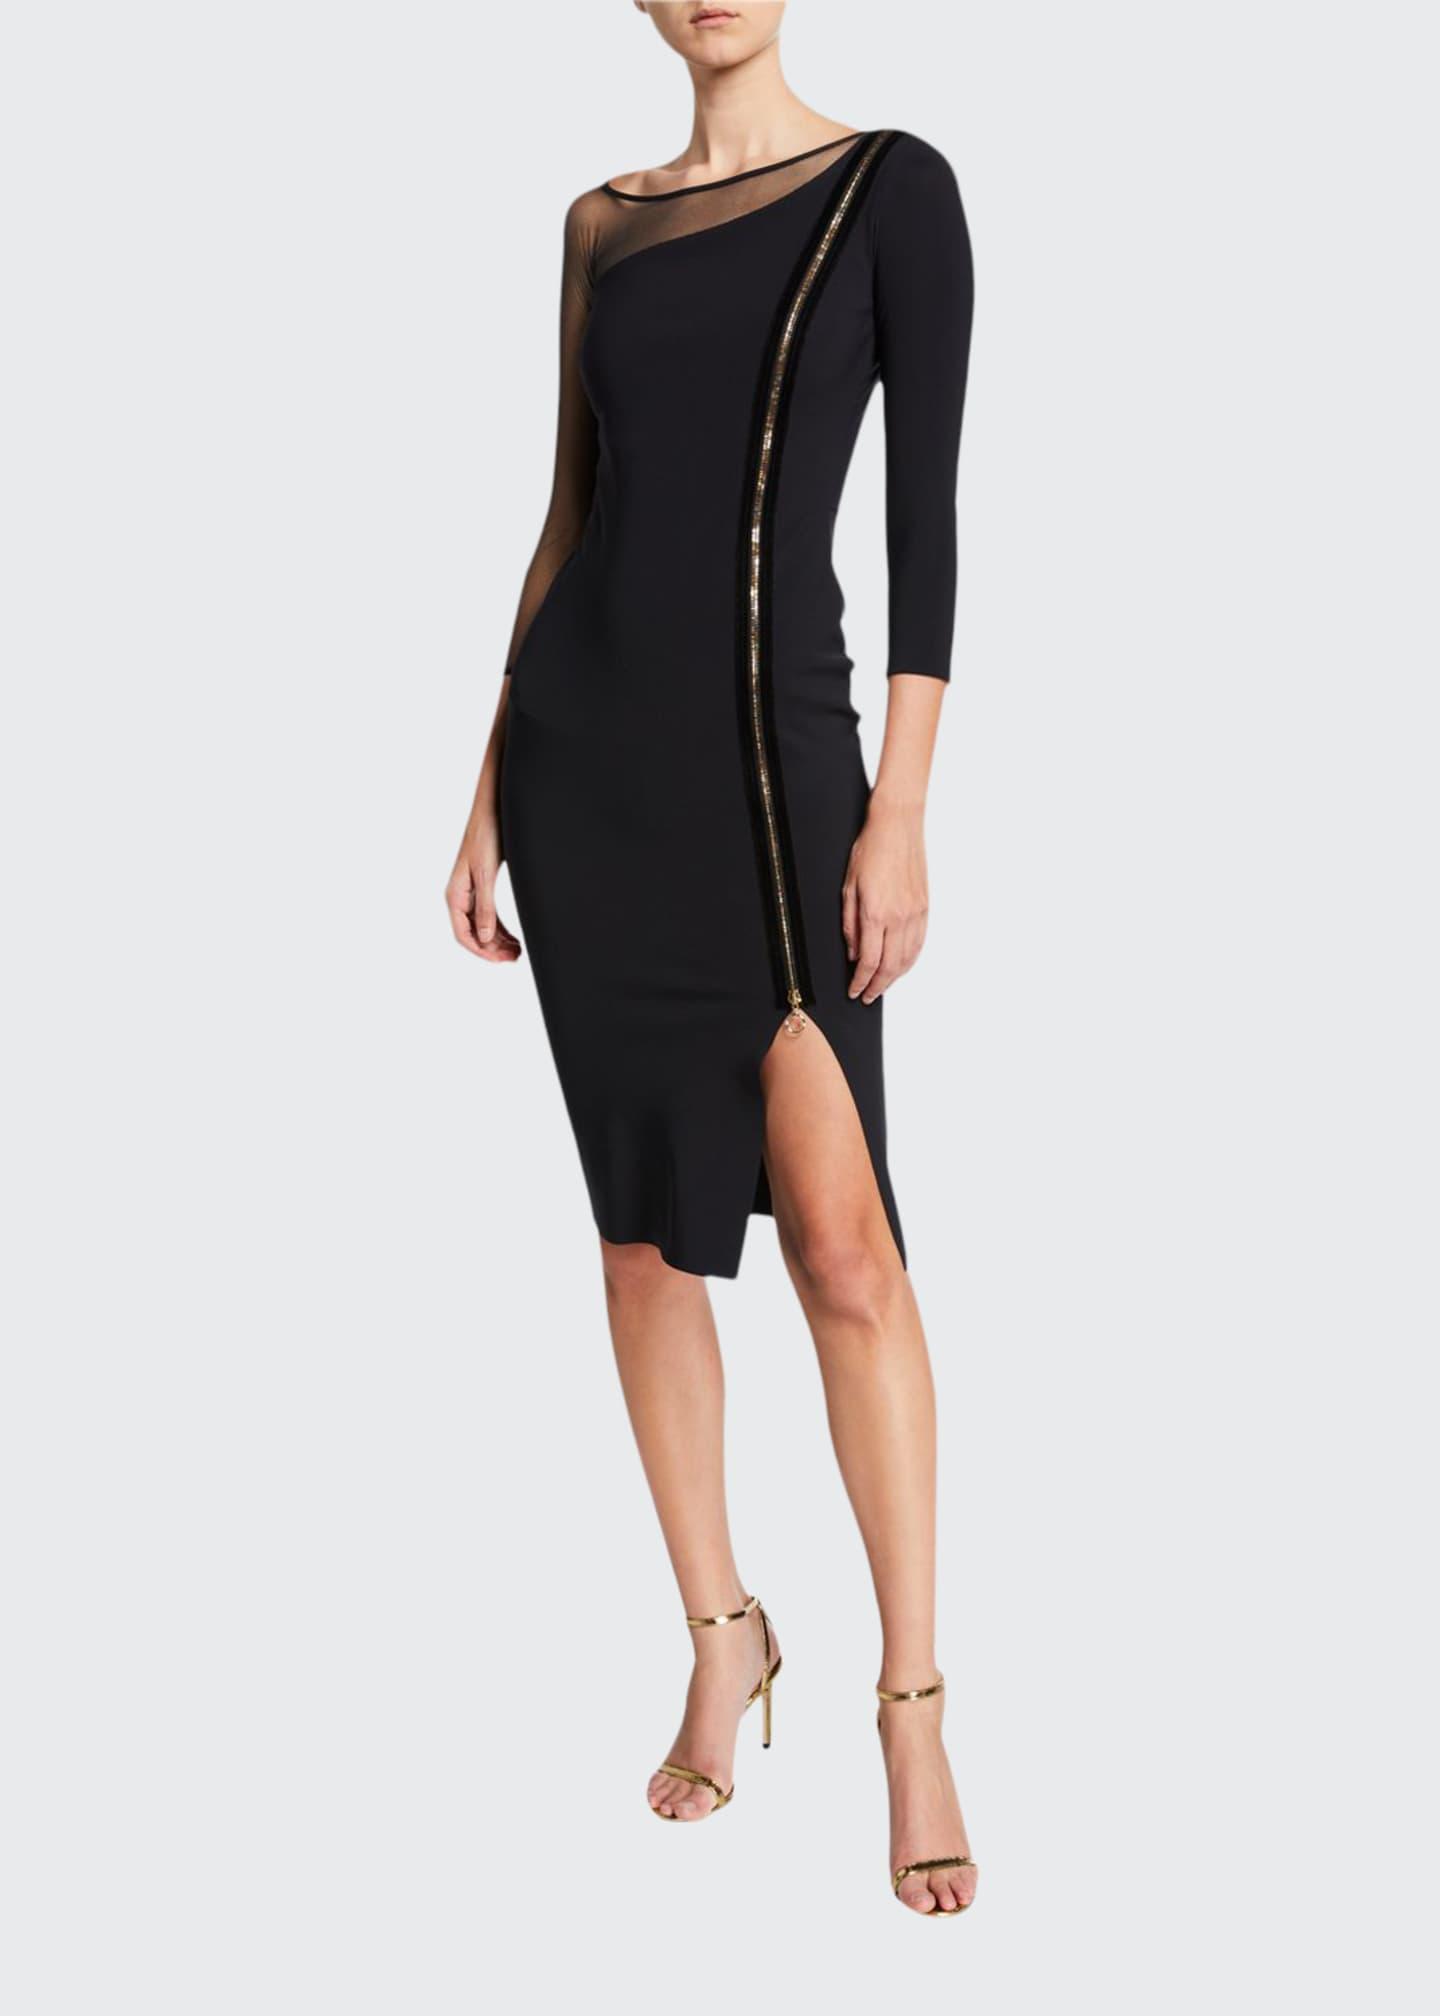 Chiara Boni La Petite Robe 3/4-Sleeve Asymmetric Zip-Front